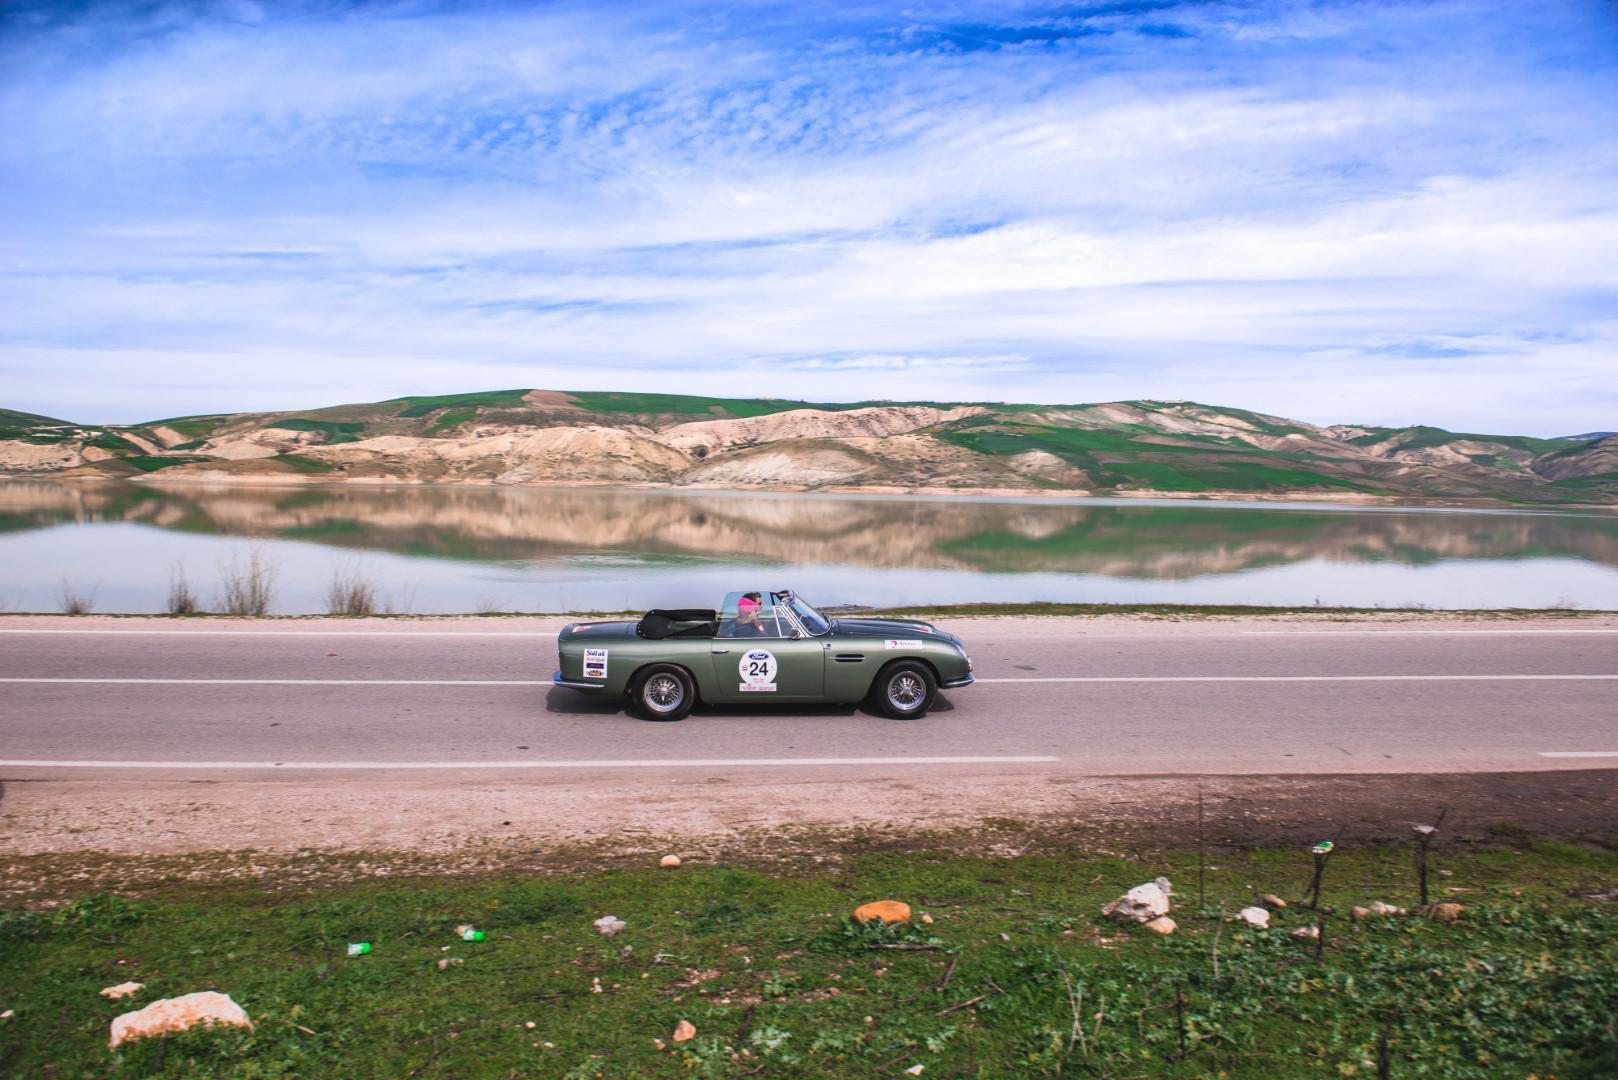 victoire-marocaine-pour-le-25eme-anniversaire-du-rallye-maroc-classic-680-4.jpg